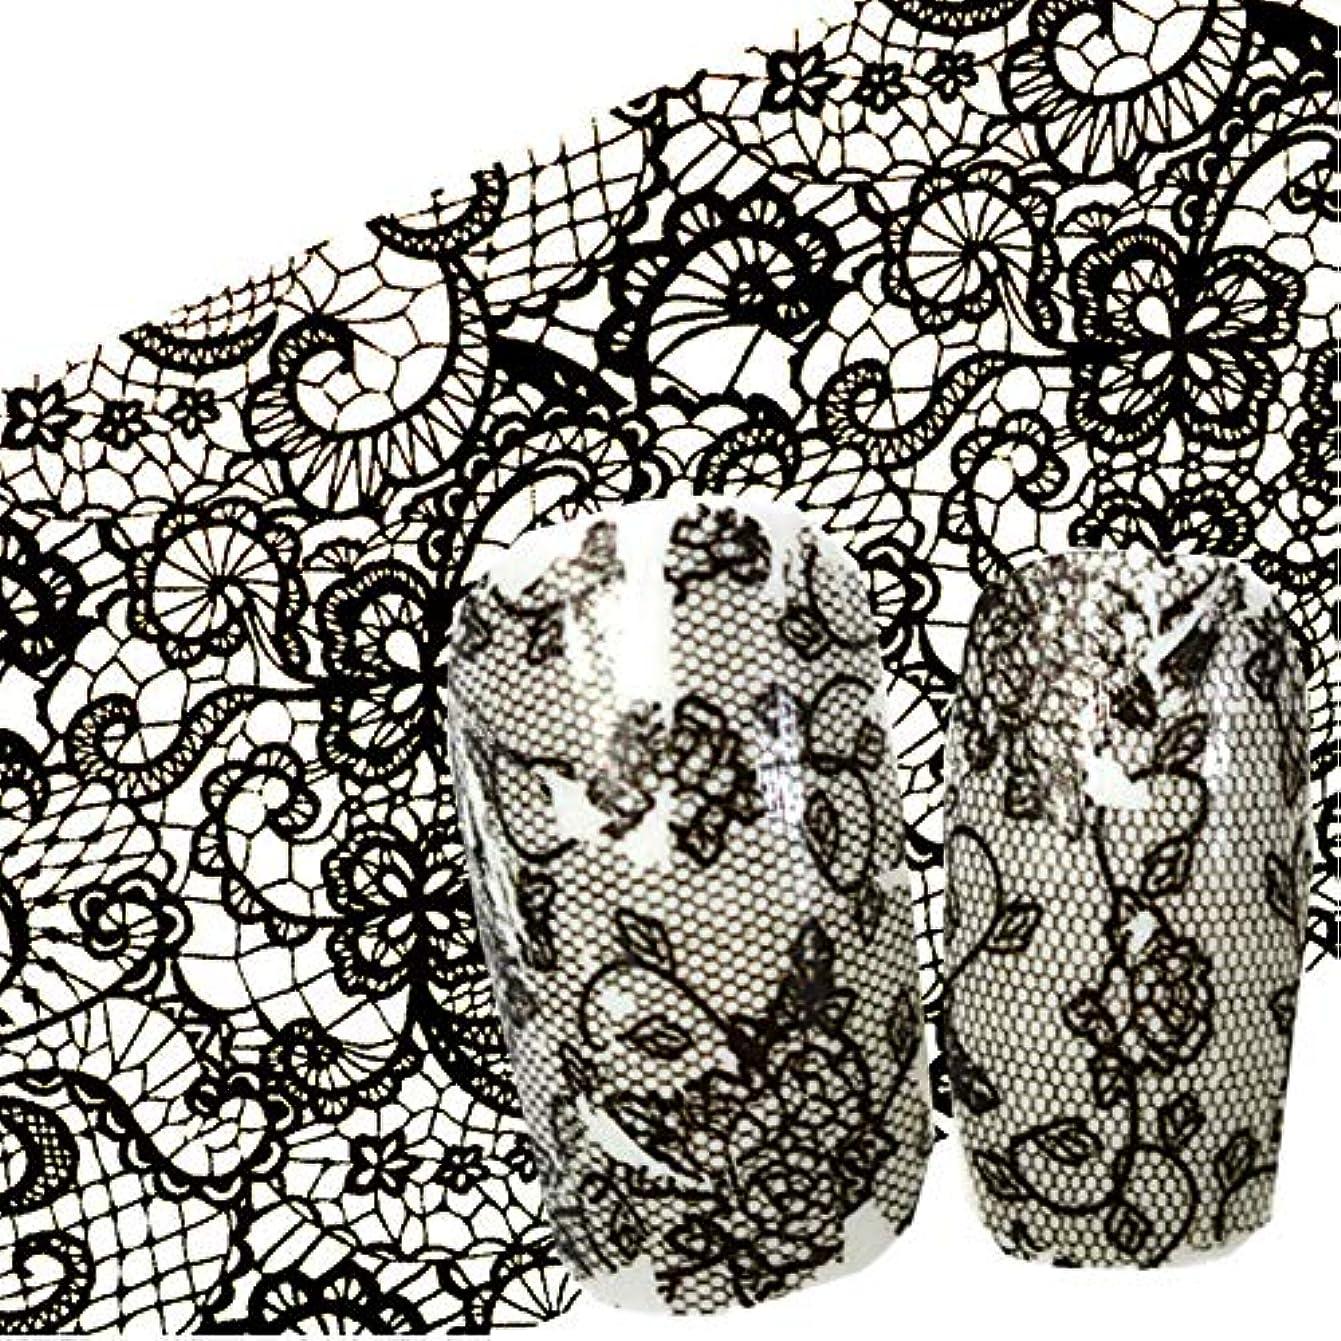 雄大な解釈的基本的なSUKTI&XIAO ネイルステッカー 100X4 Cmネイルアート黒花レースマニキュアネイルアートネイルペーストグルーフィルムフラッシュ美容デザイン